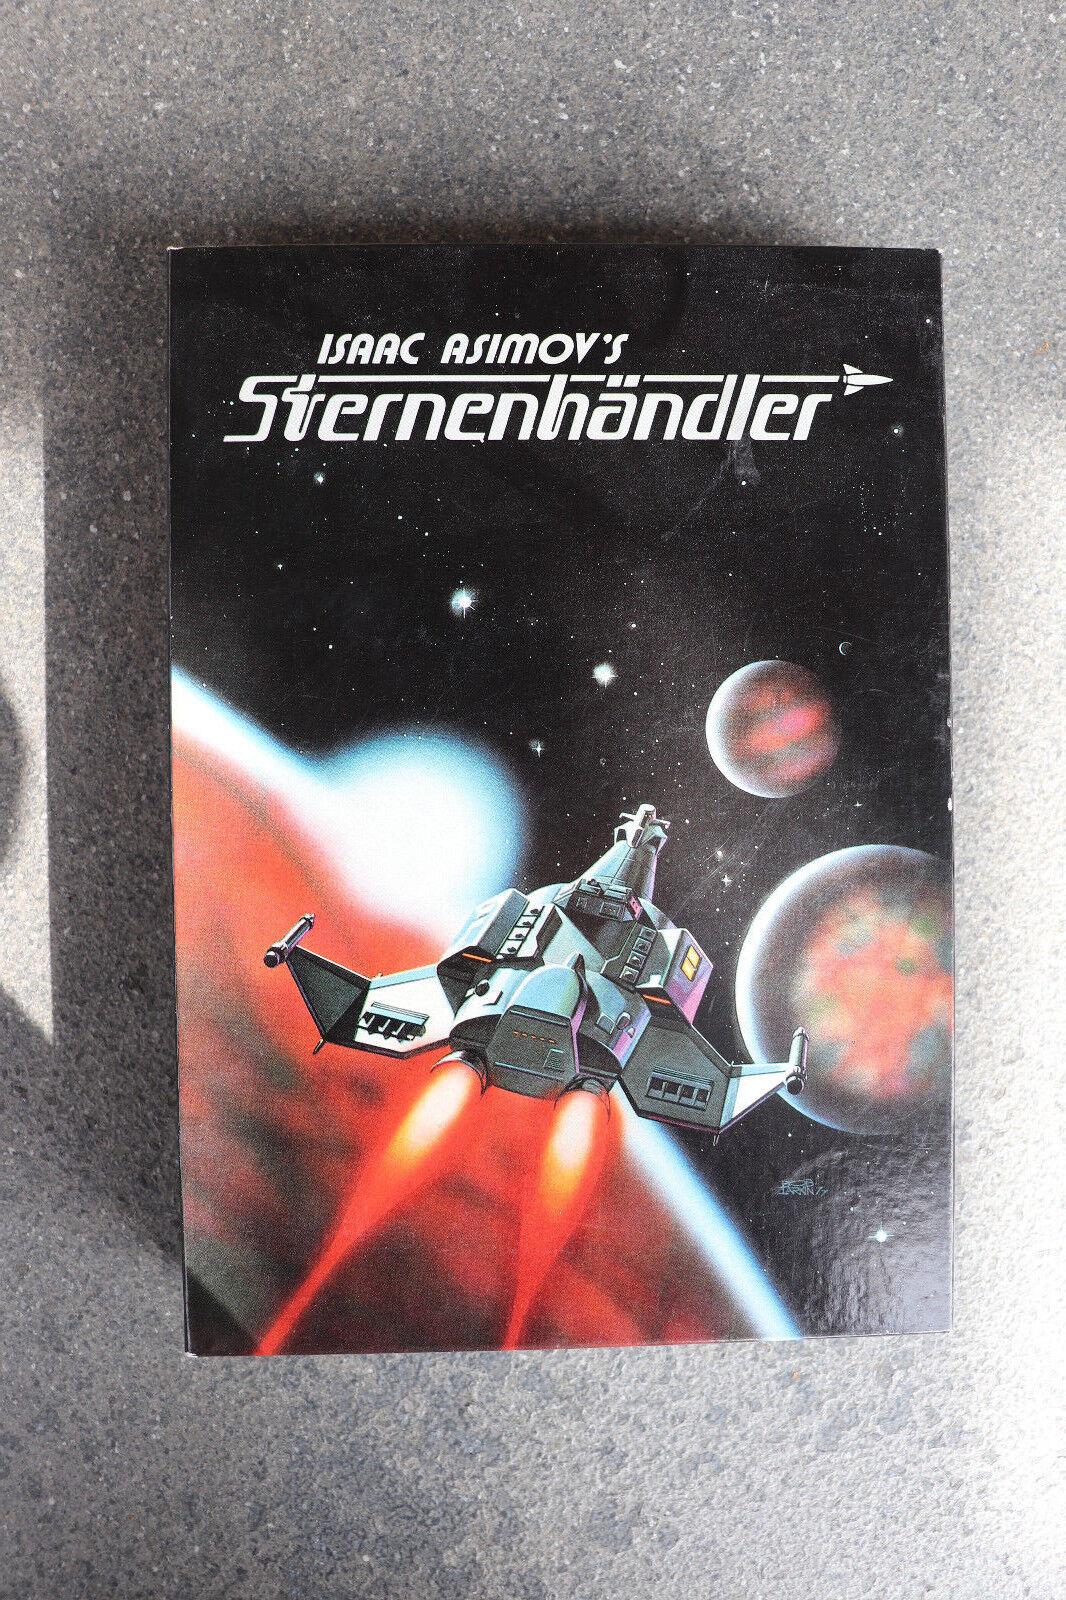 Extrem Selten  Isaac Asimov's Sternenhändler Spiel von  Citadel